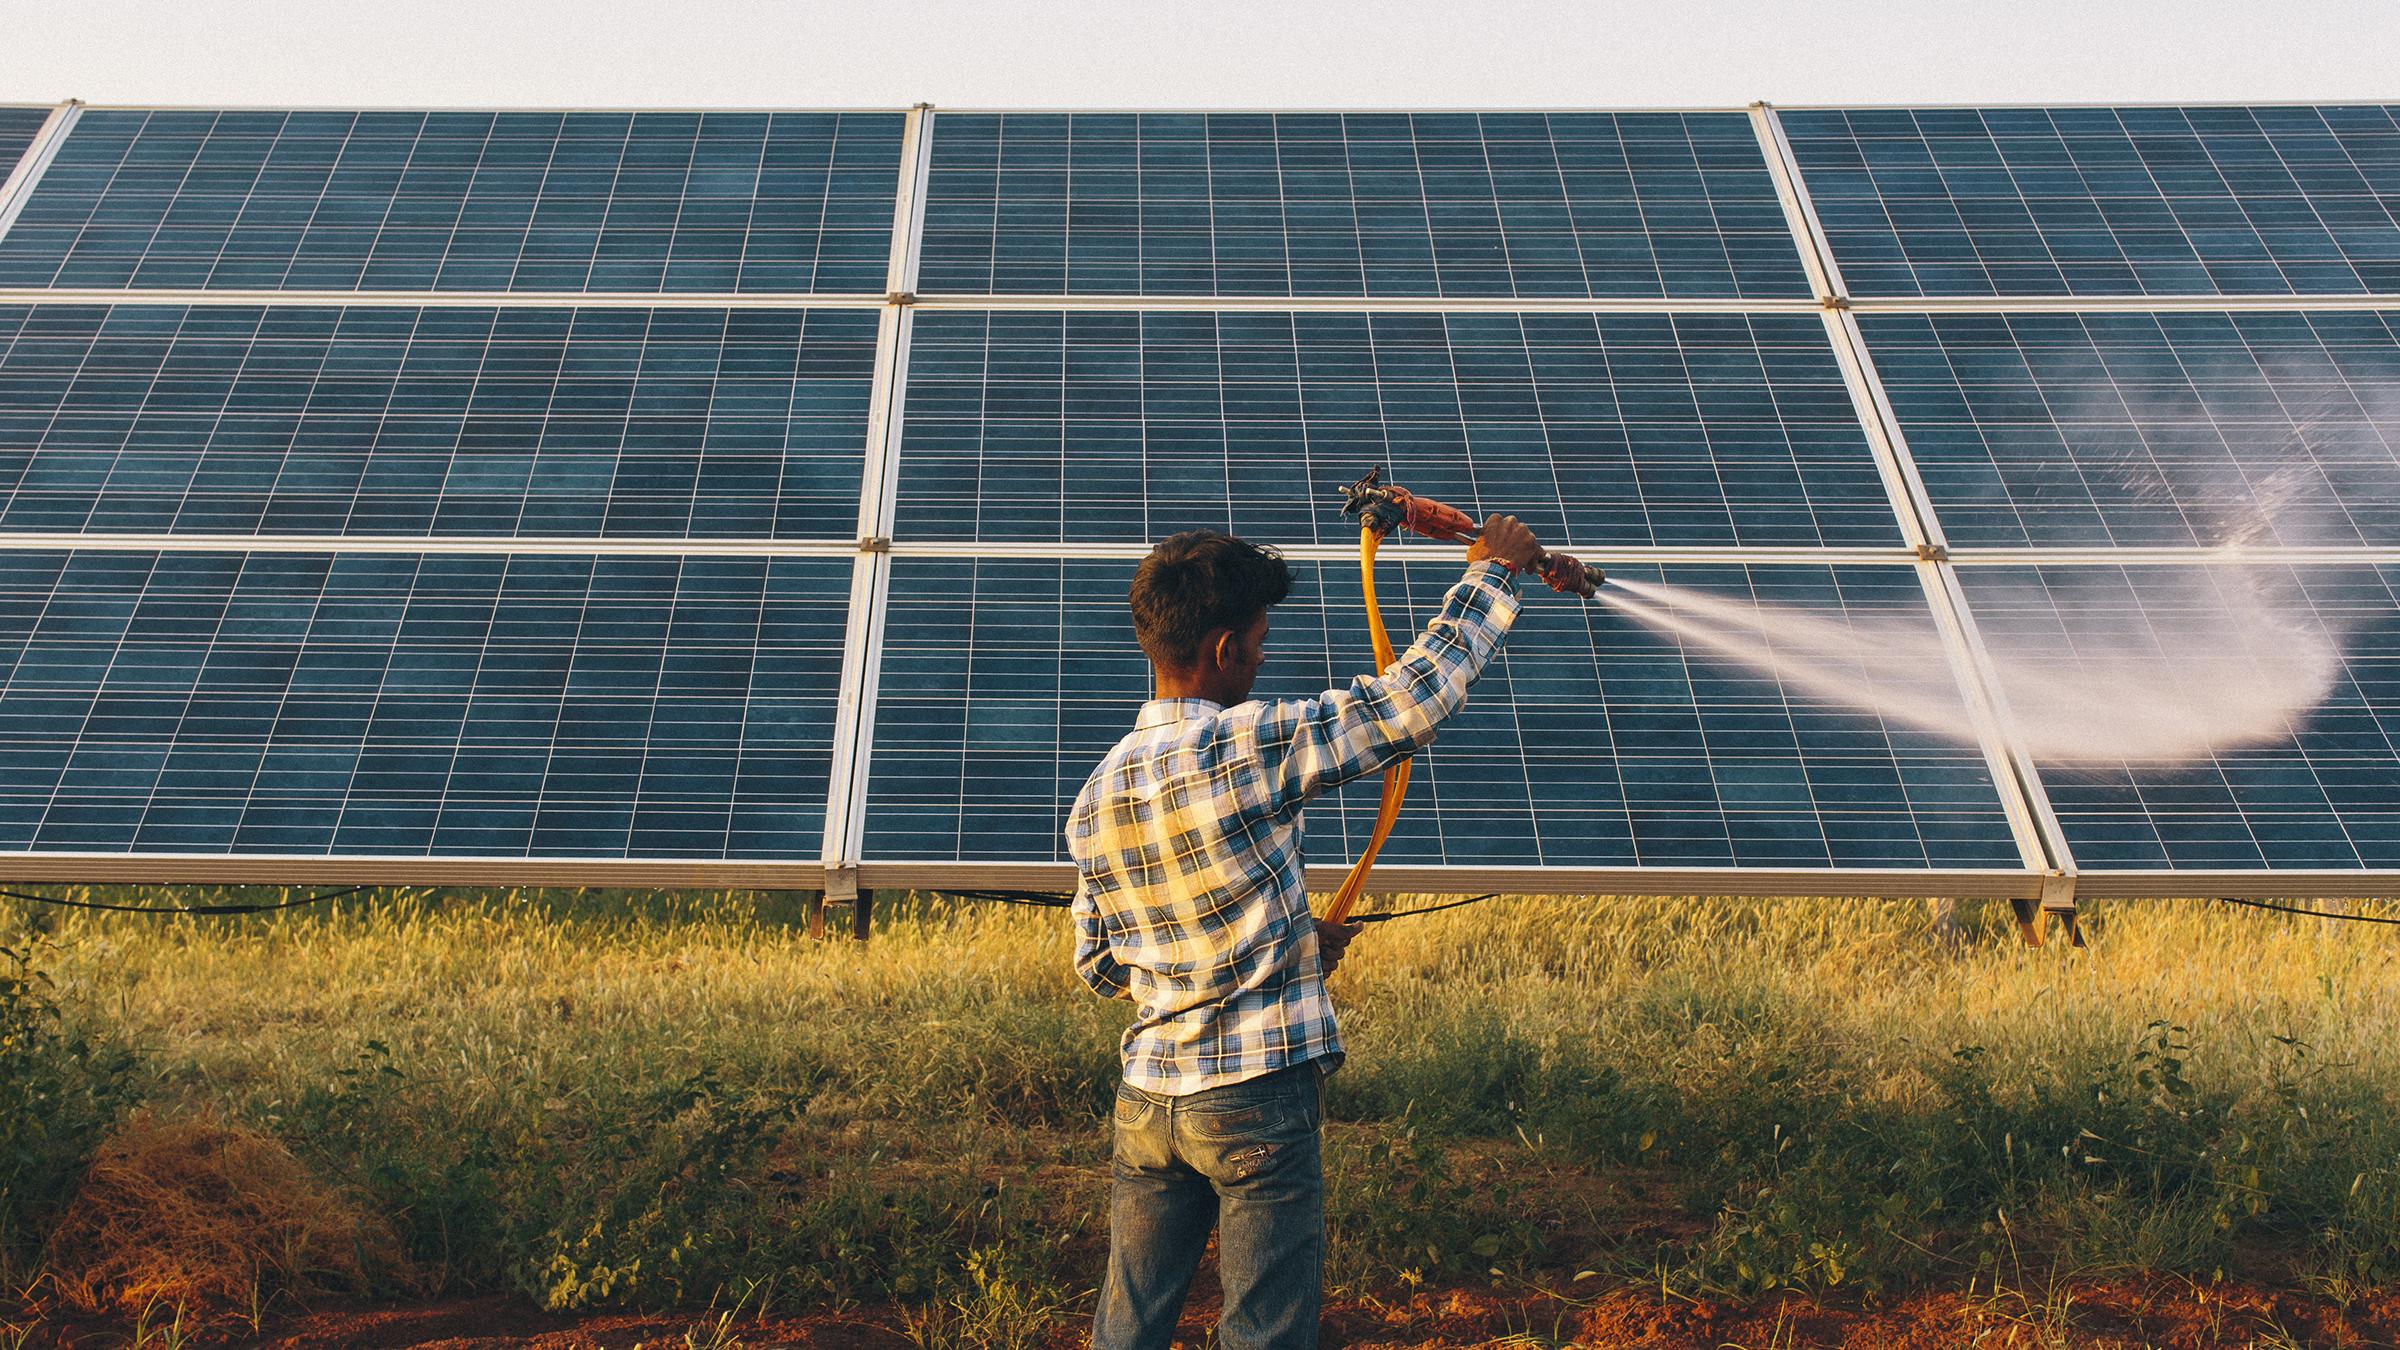 Energia solar de agricultores indianos ajudará distribuidoras